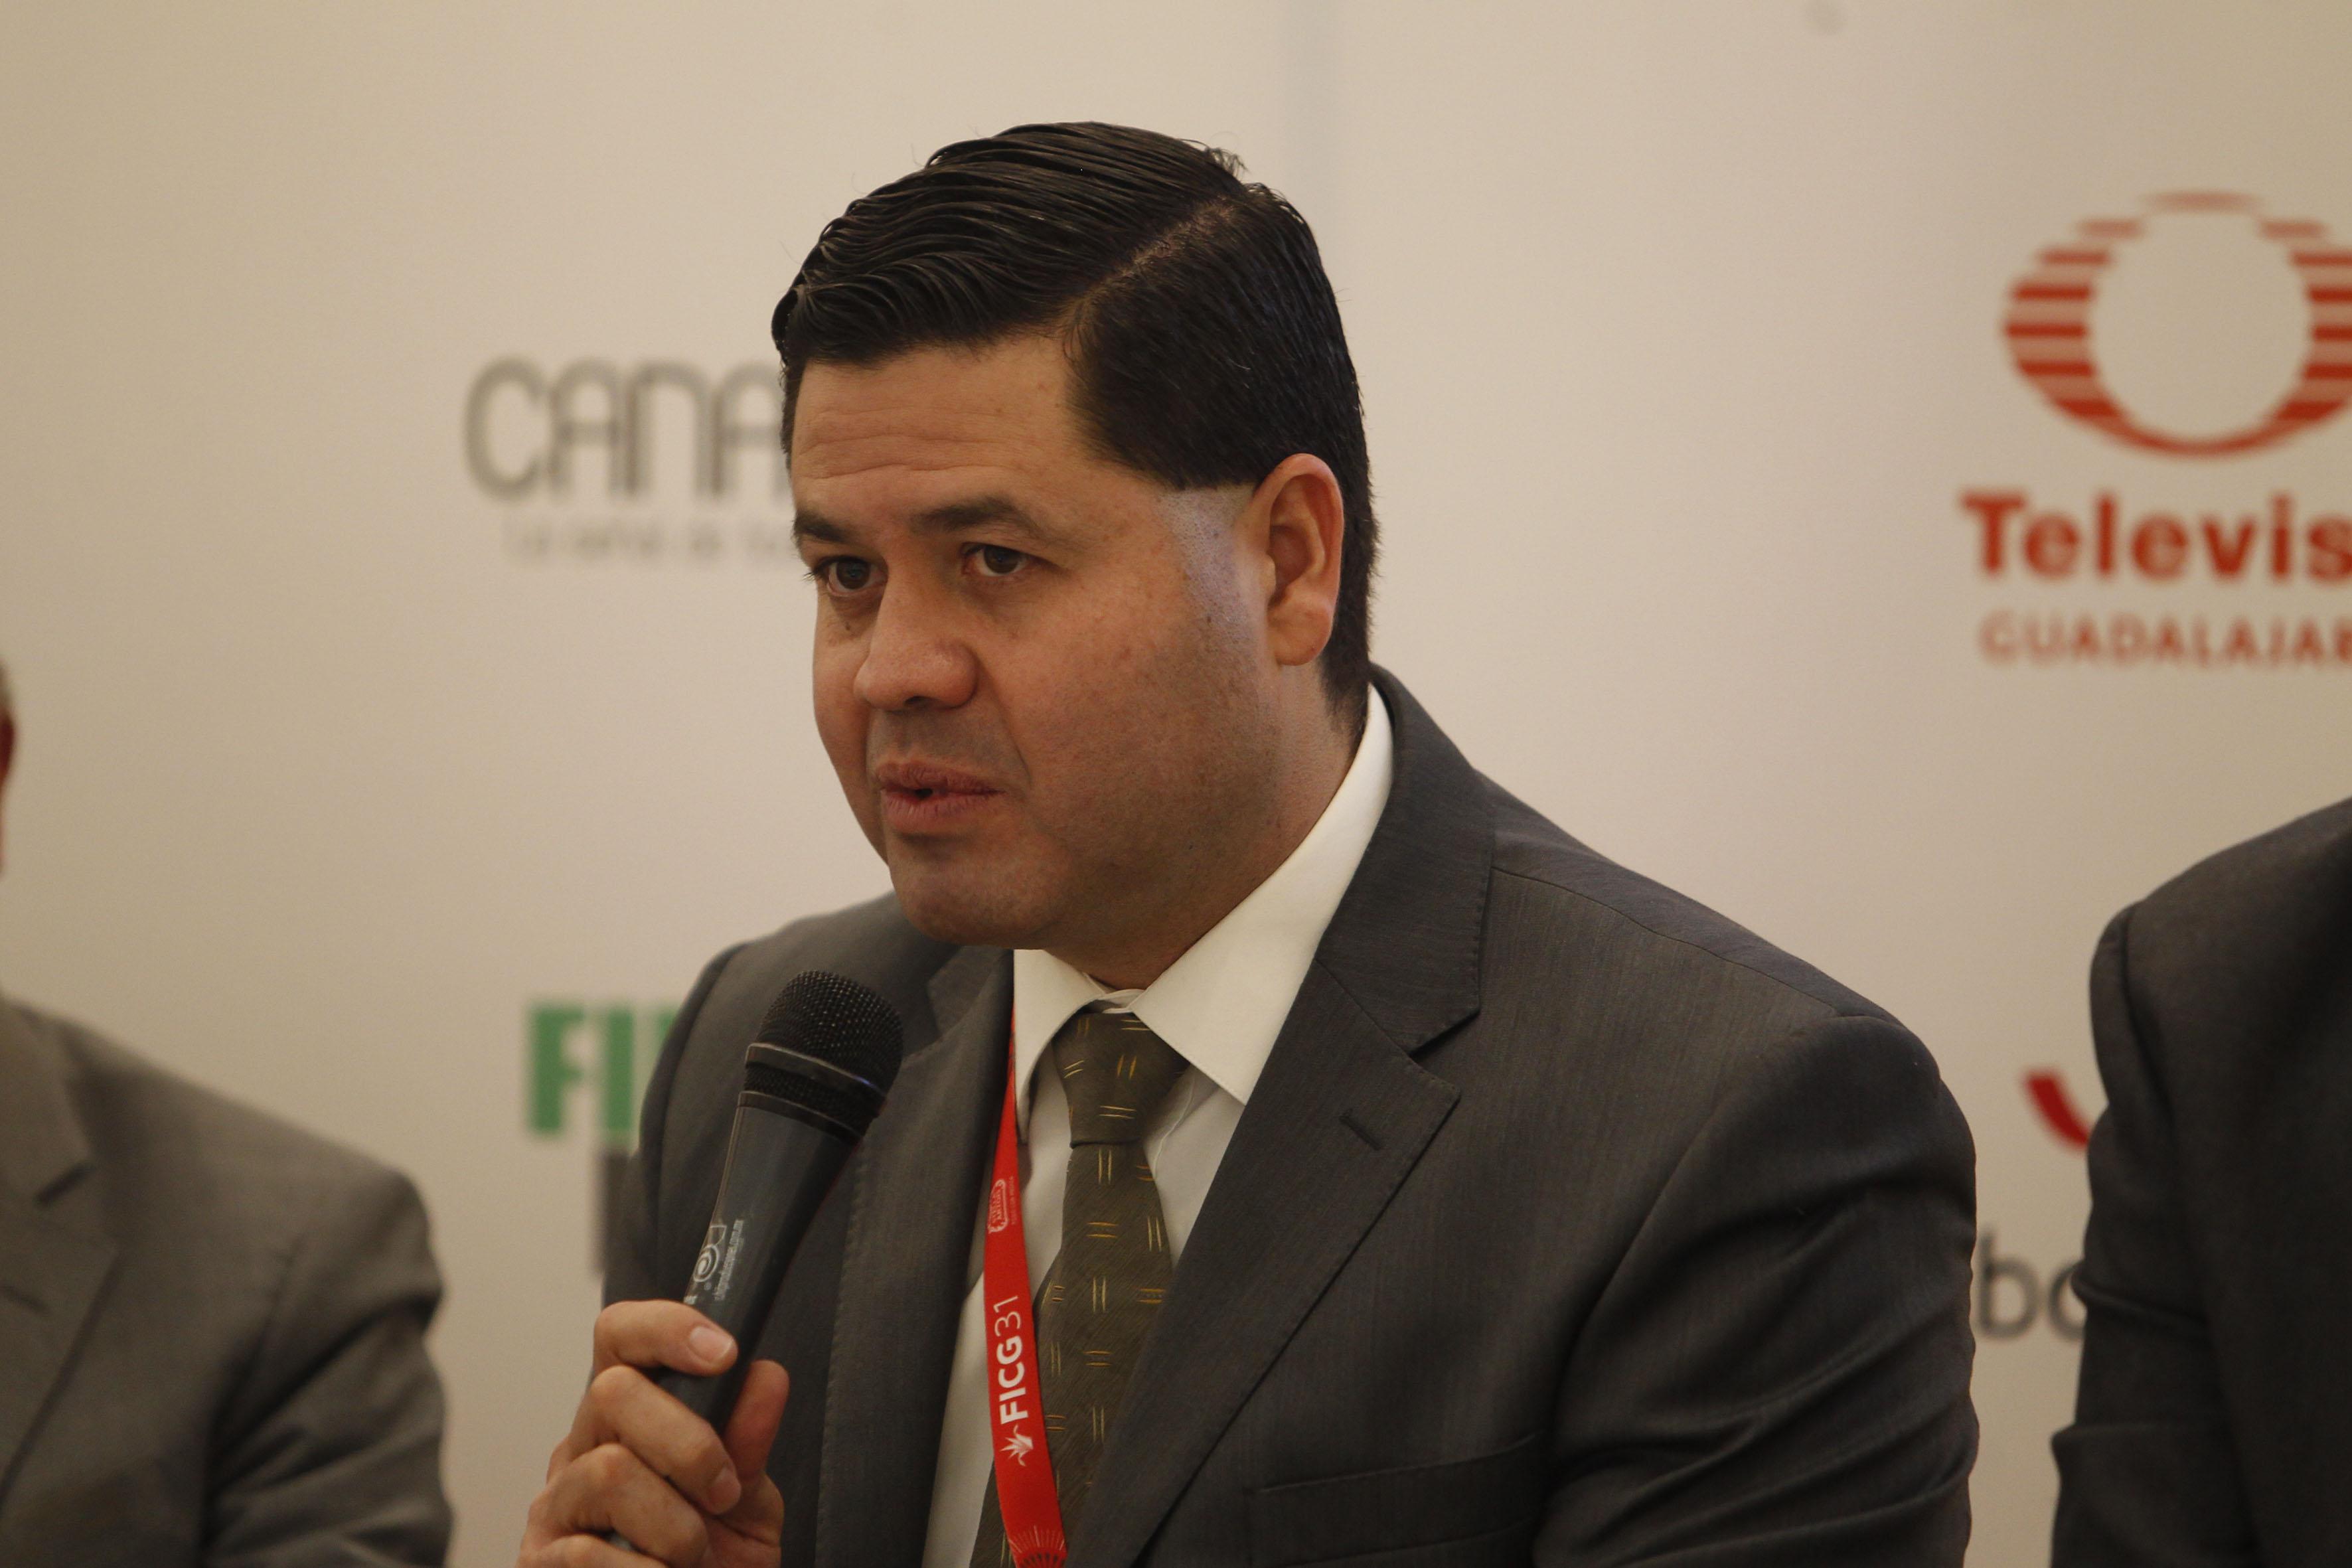 El director de la Operadora del Sistema Universitario de Radio, Televisión y Cinematografía de la Universidad de Guadalajara, maestro Gabriel Torres Espinoza